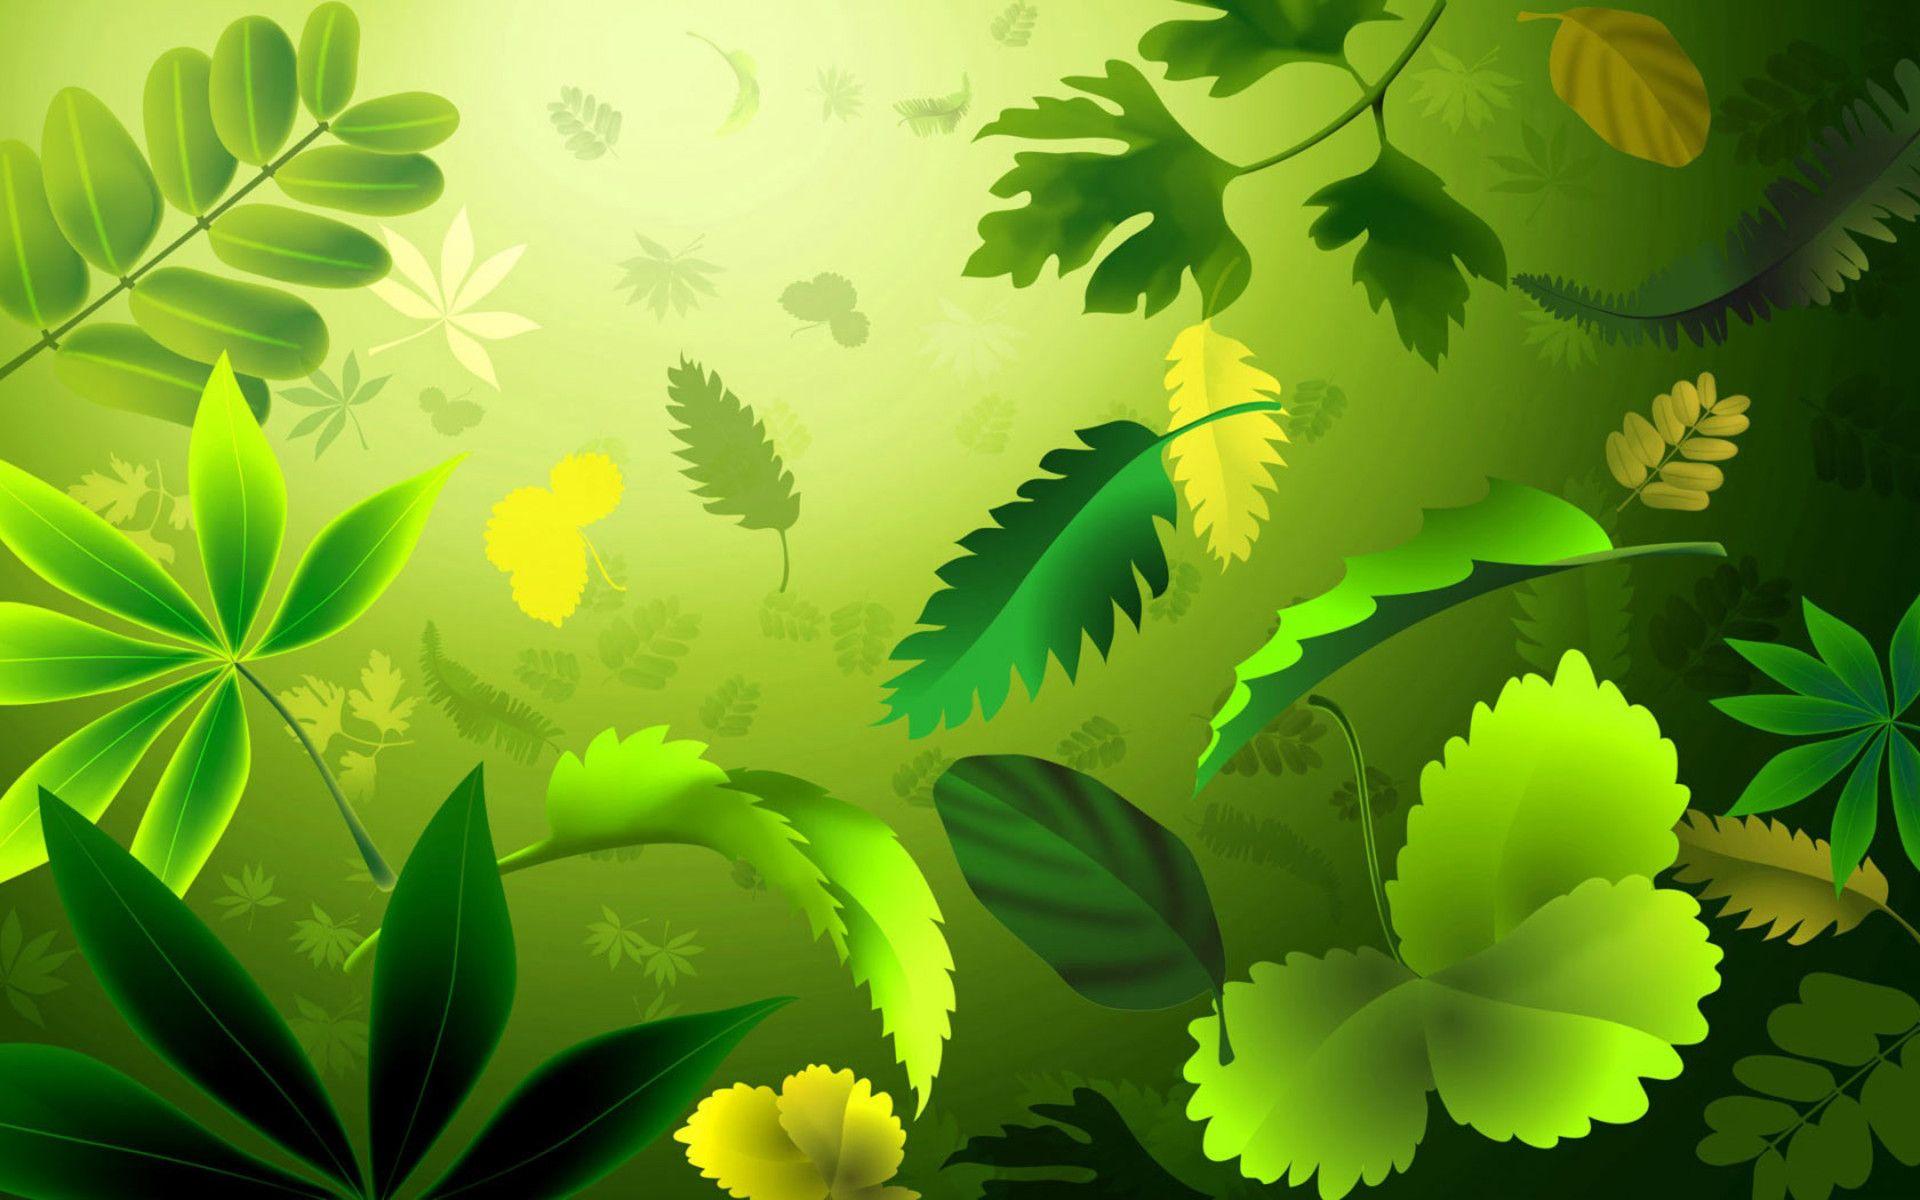 Jungle Scene Background Clip Art Free Download